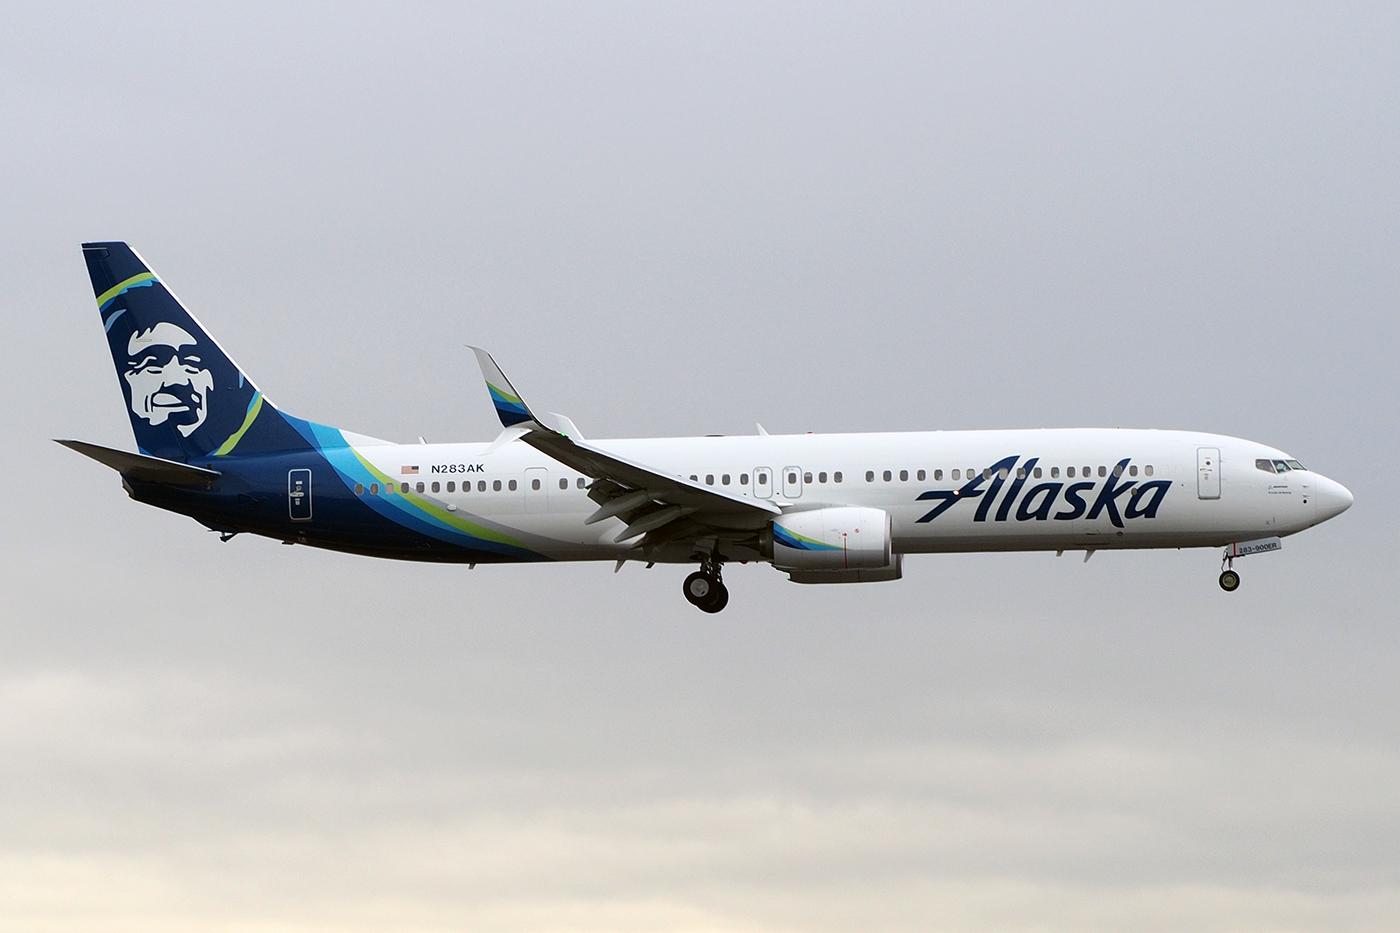 N283AK, Alaska, B737-900